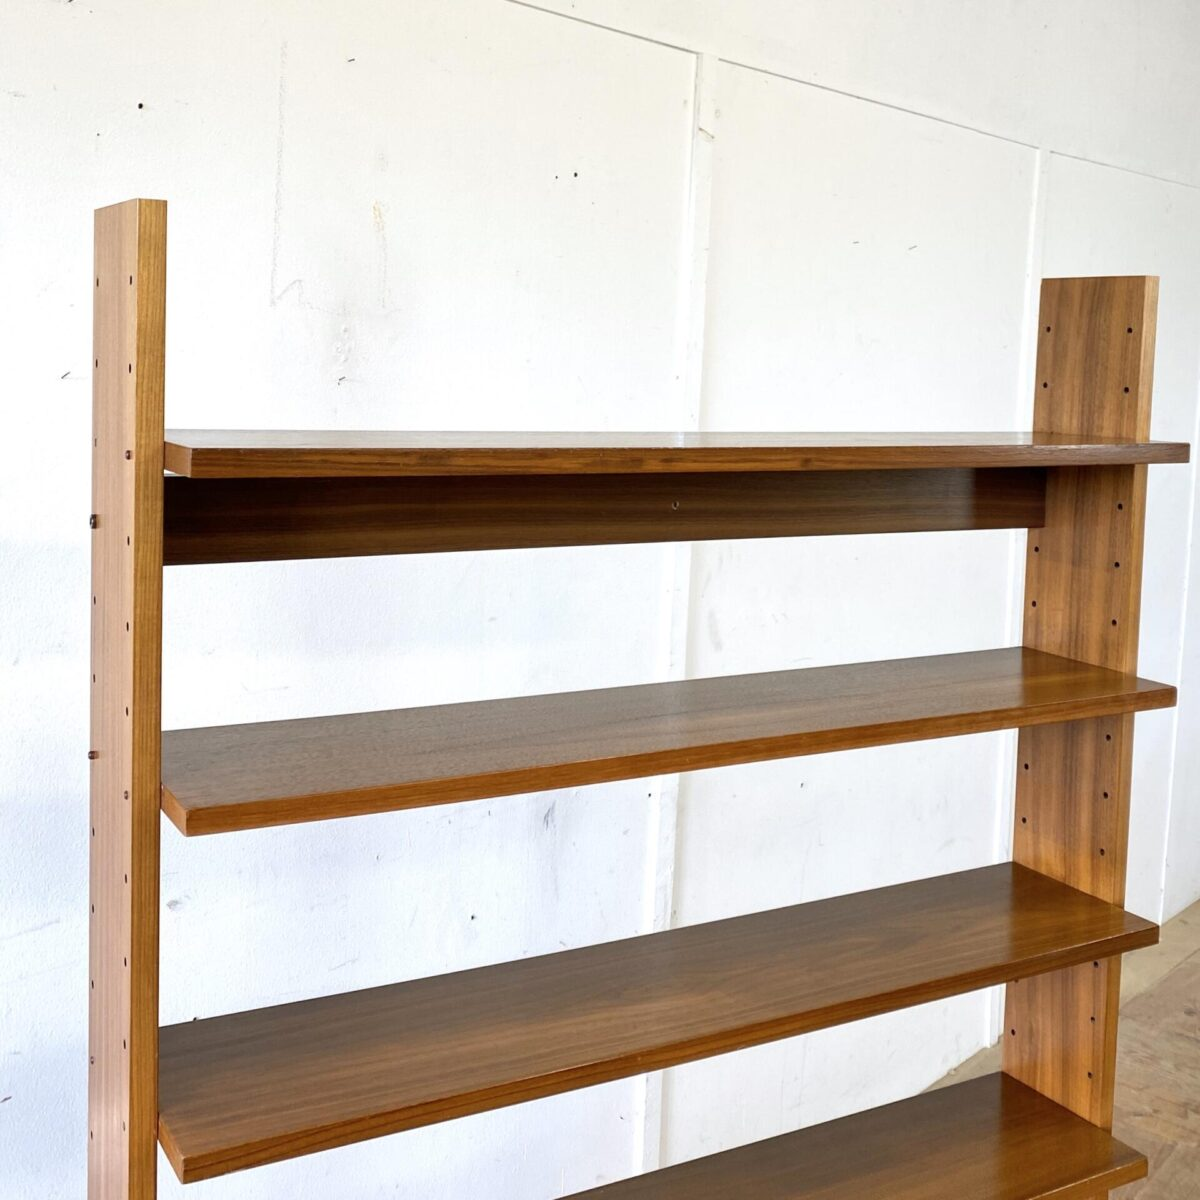 Deuxieme.shop swissdesign bookshelf 60er Jahre. Schweizer System Bücherregal Nussbaum furniert. 99x30cm Höhe 170cm. Die Tablare sind höhenverstellbar, der Stauraum unten ist per Klappe zugänglich.